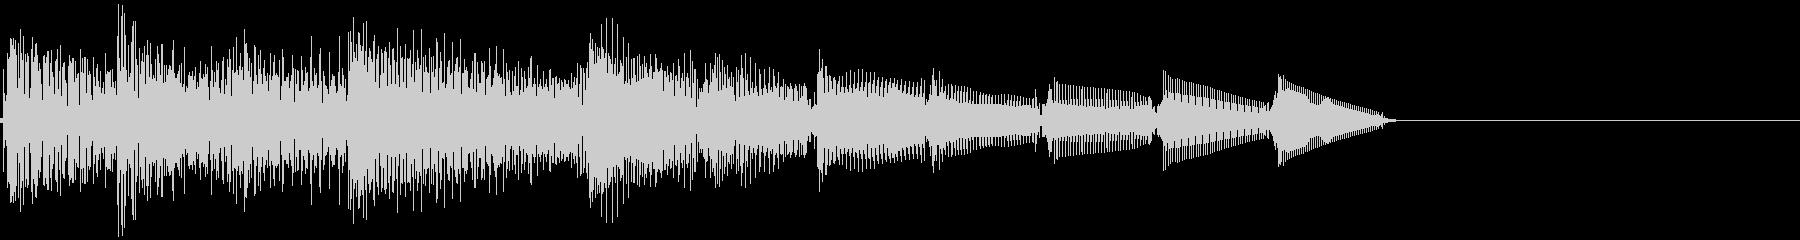 上昇音・キラーン・シャララン・電子音の未再生の波形